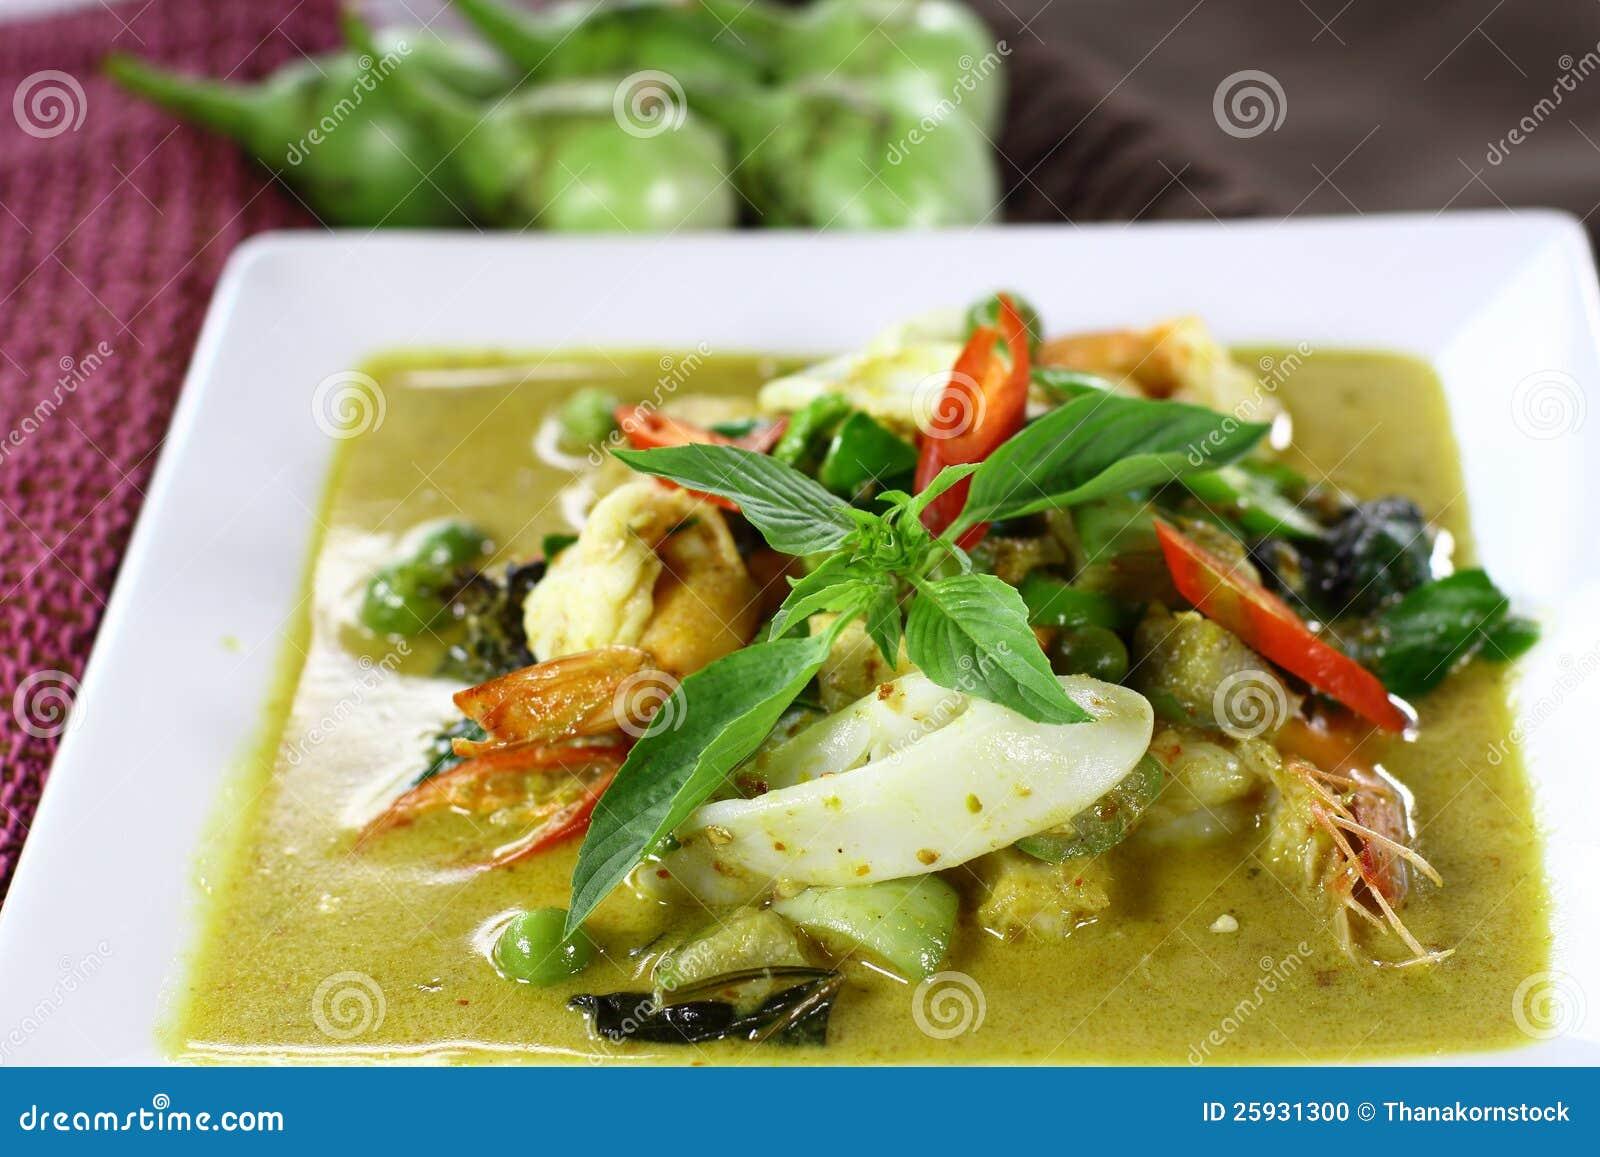 thai-green-curry-shrimp-squid-25931300.jpg